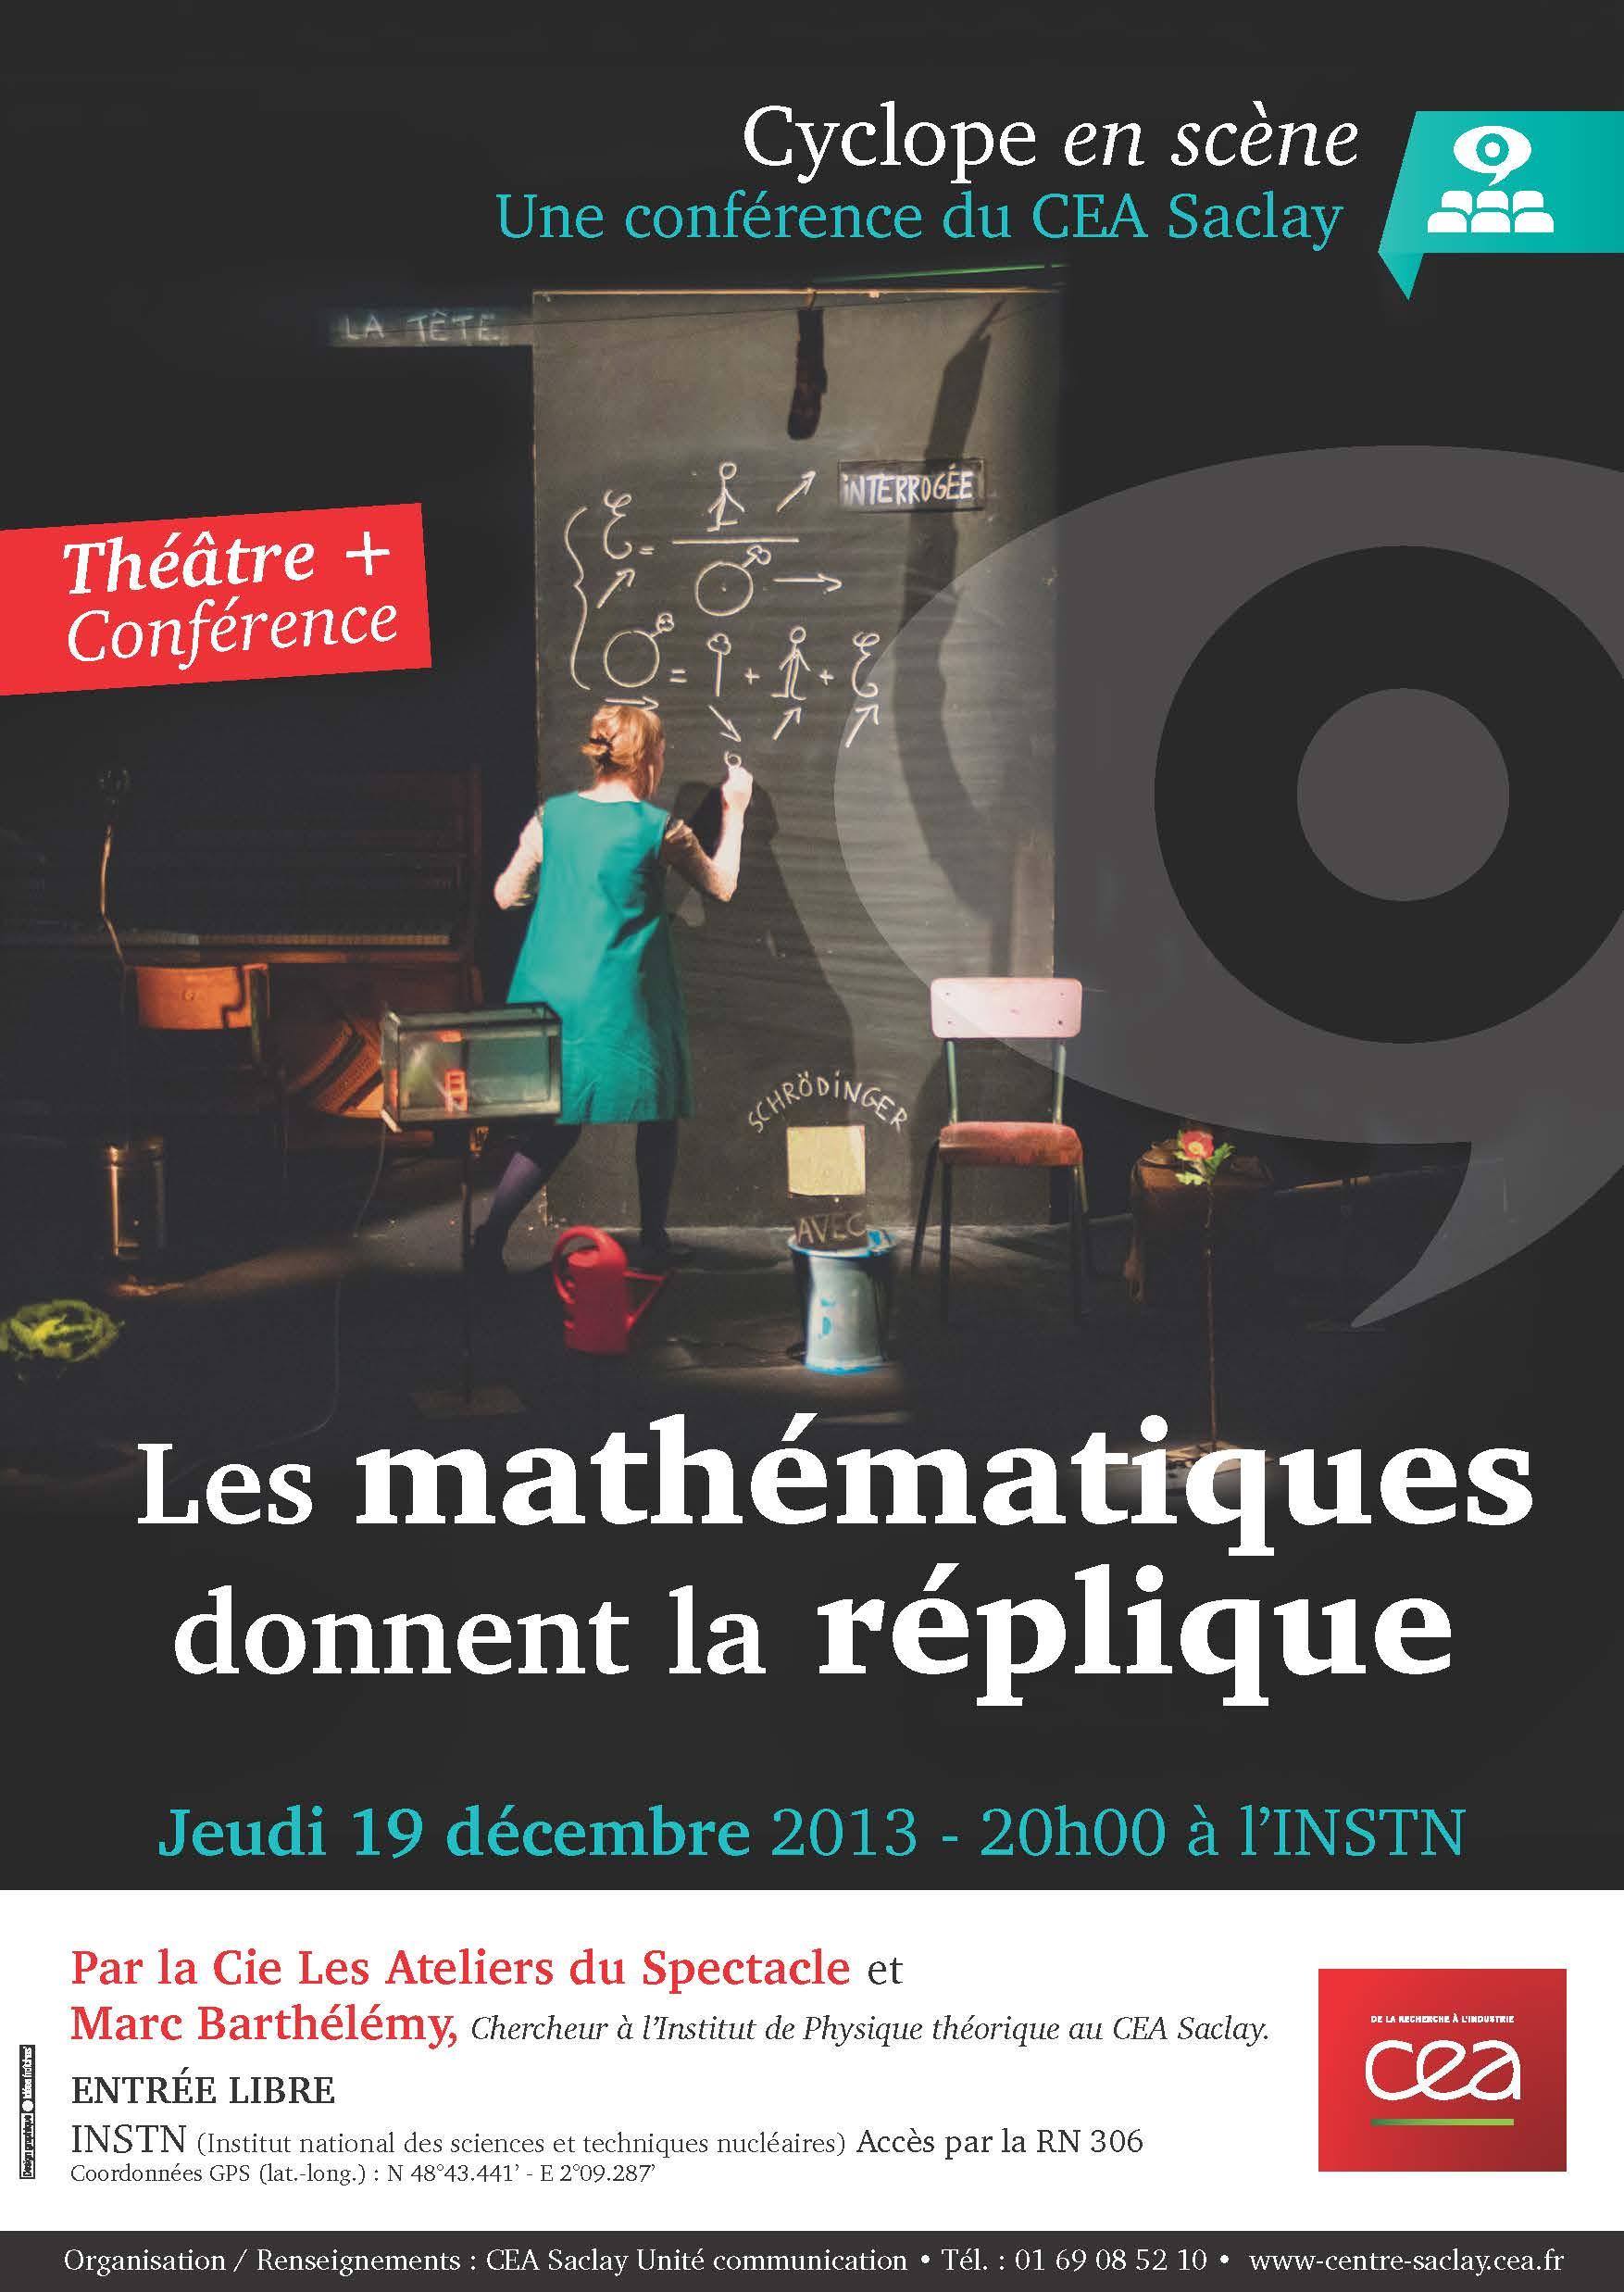 Les mathématiques donnent la réplique- Conférence Cyclope